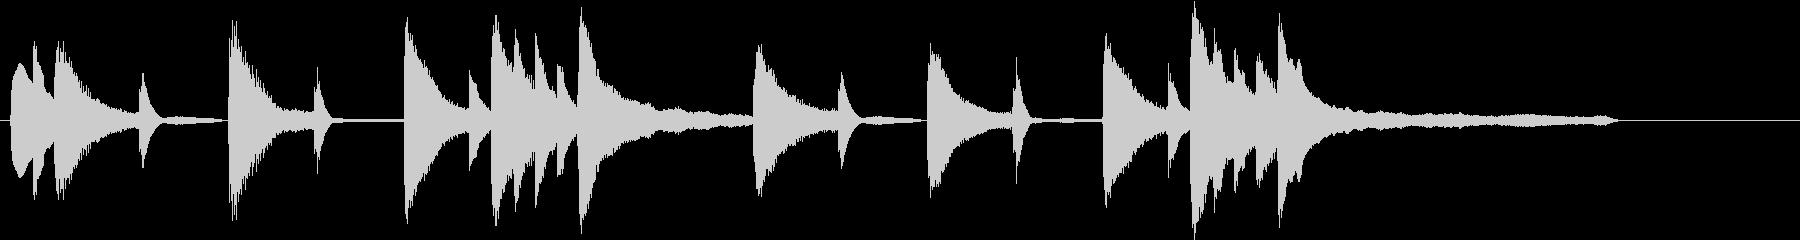 温かみのあるジングル曲の未再生の波形